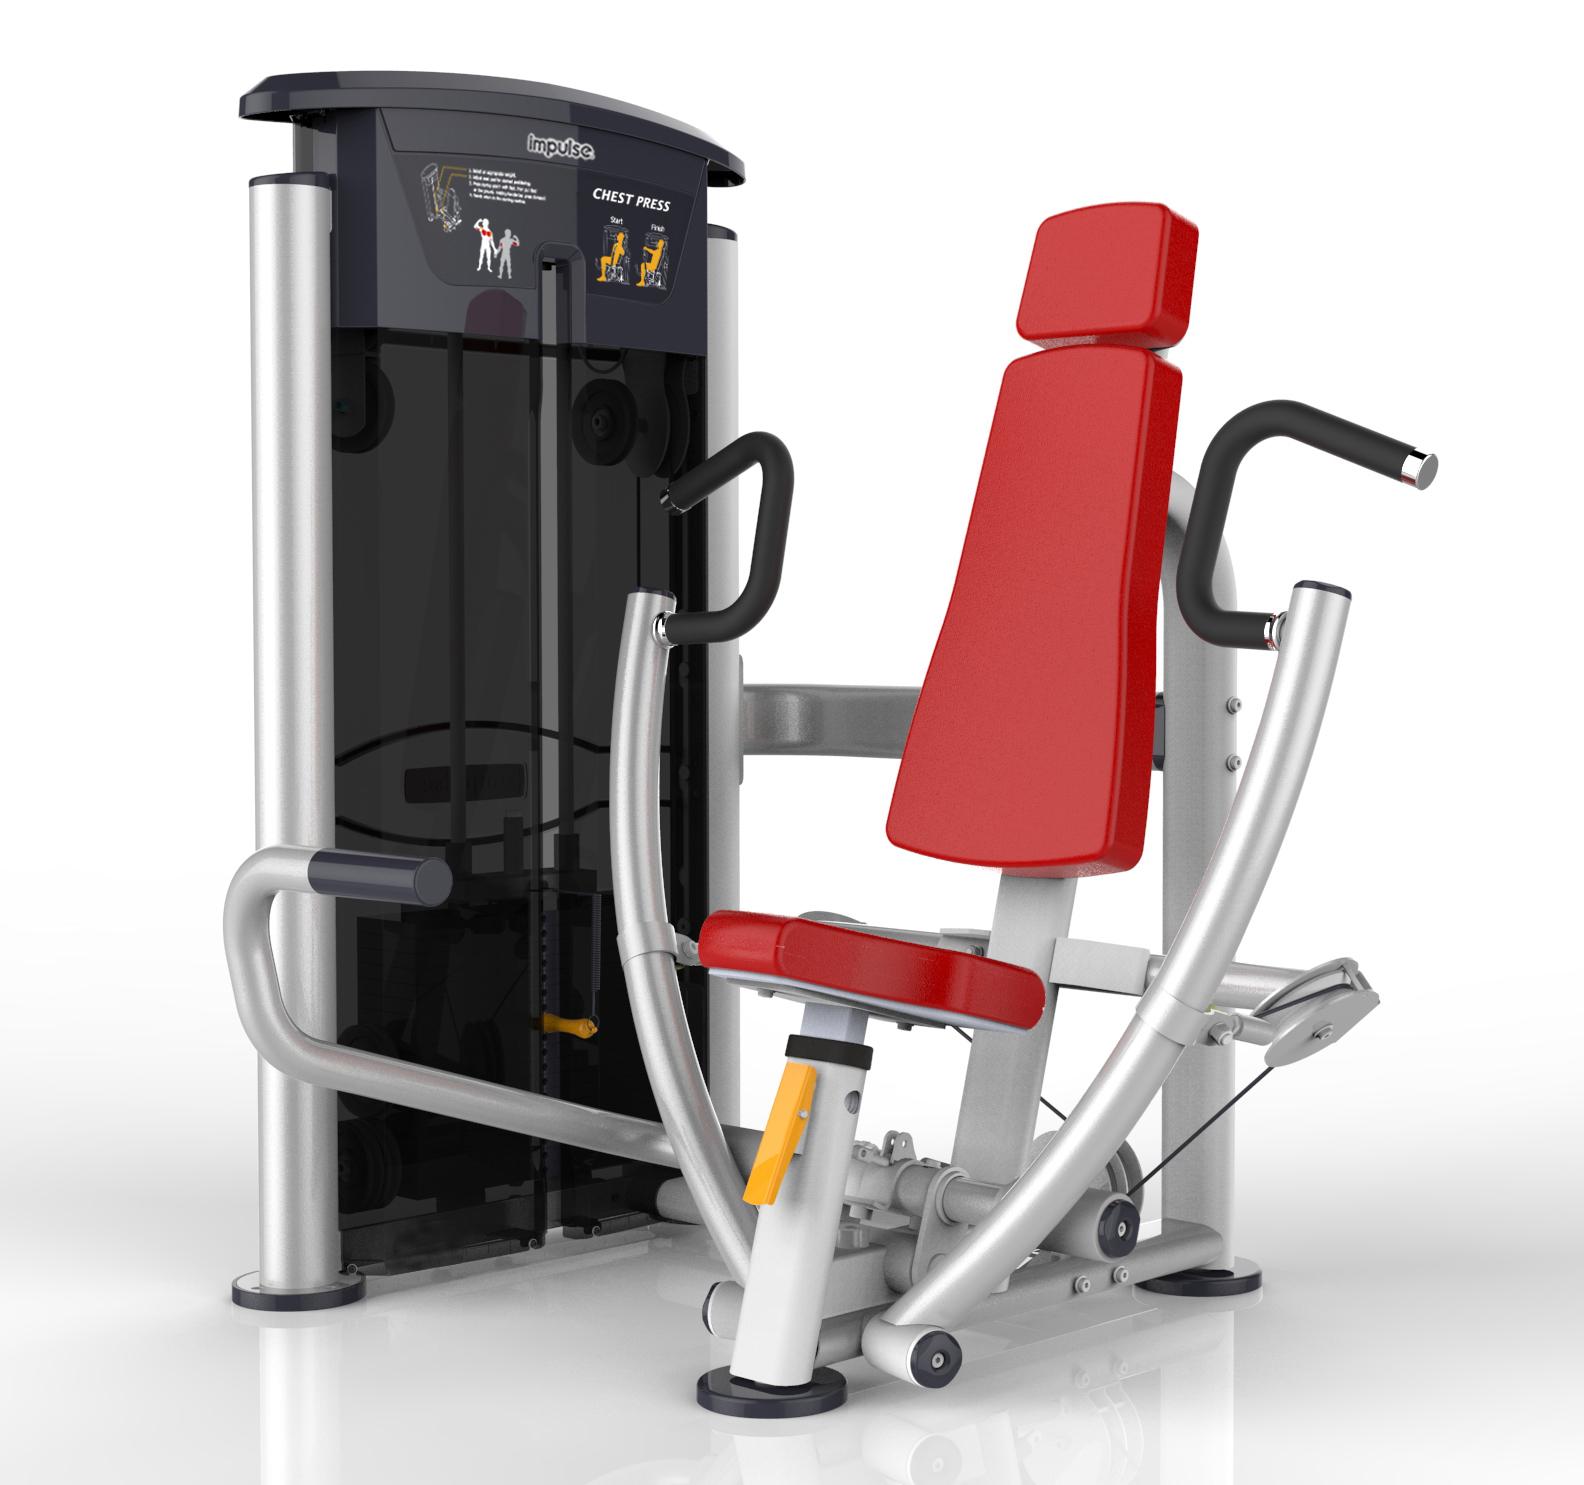 英派斯IT9501坐式胸肌推举训练器